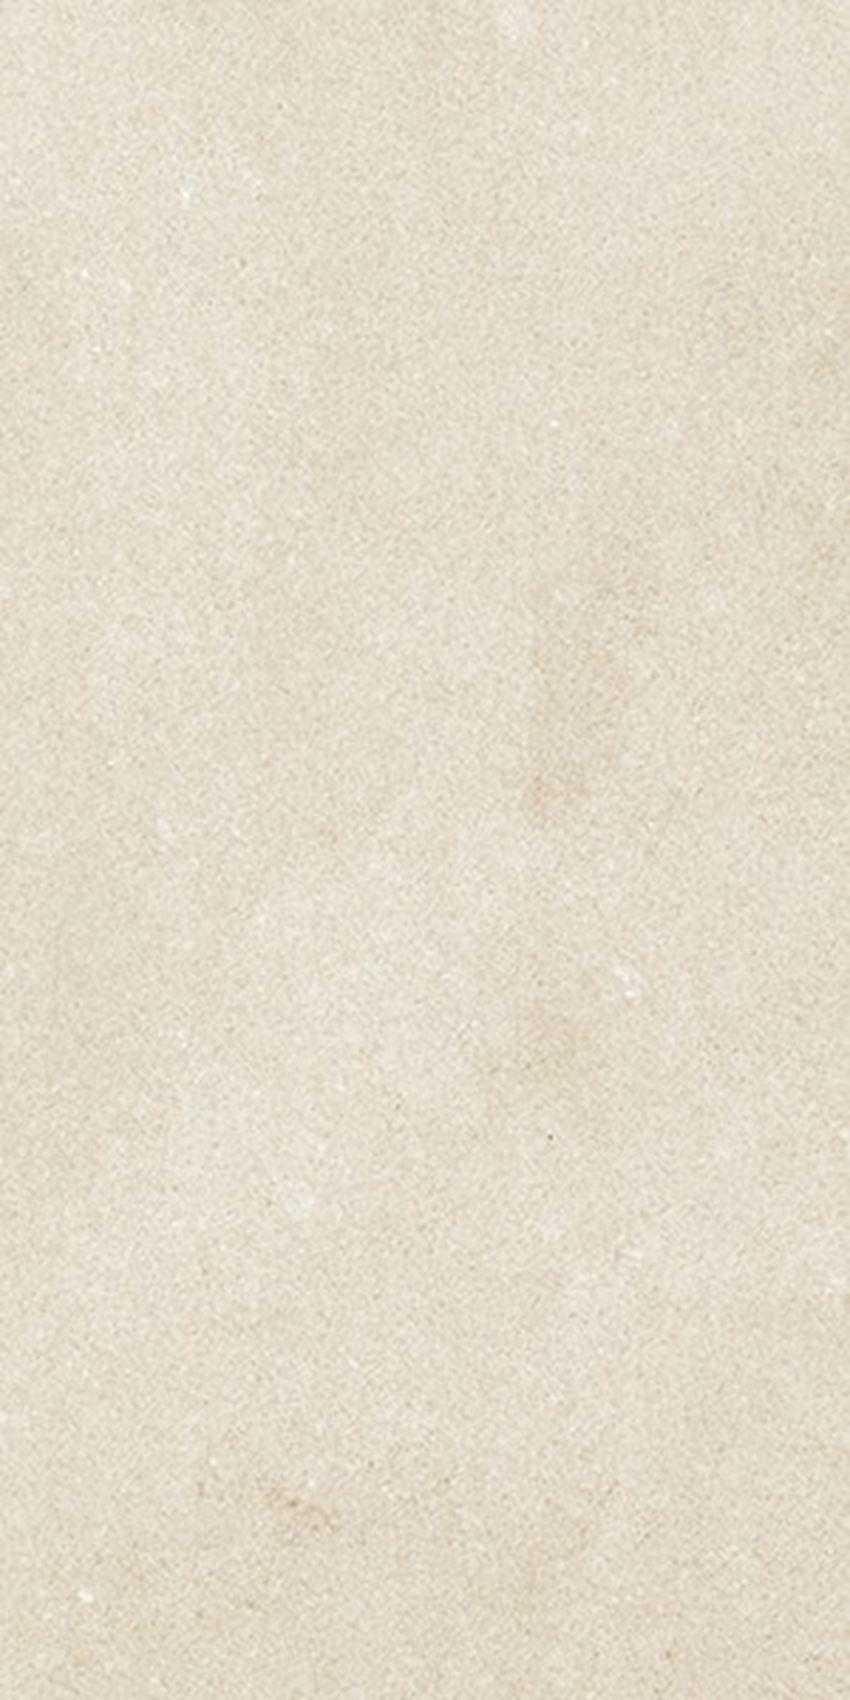 Płytka uniwersalna poler, 29,7x59,7 cm Nowa Gala Neutro NU 01